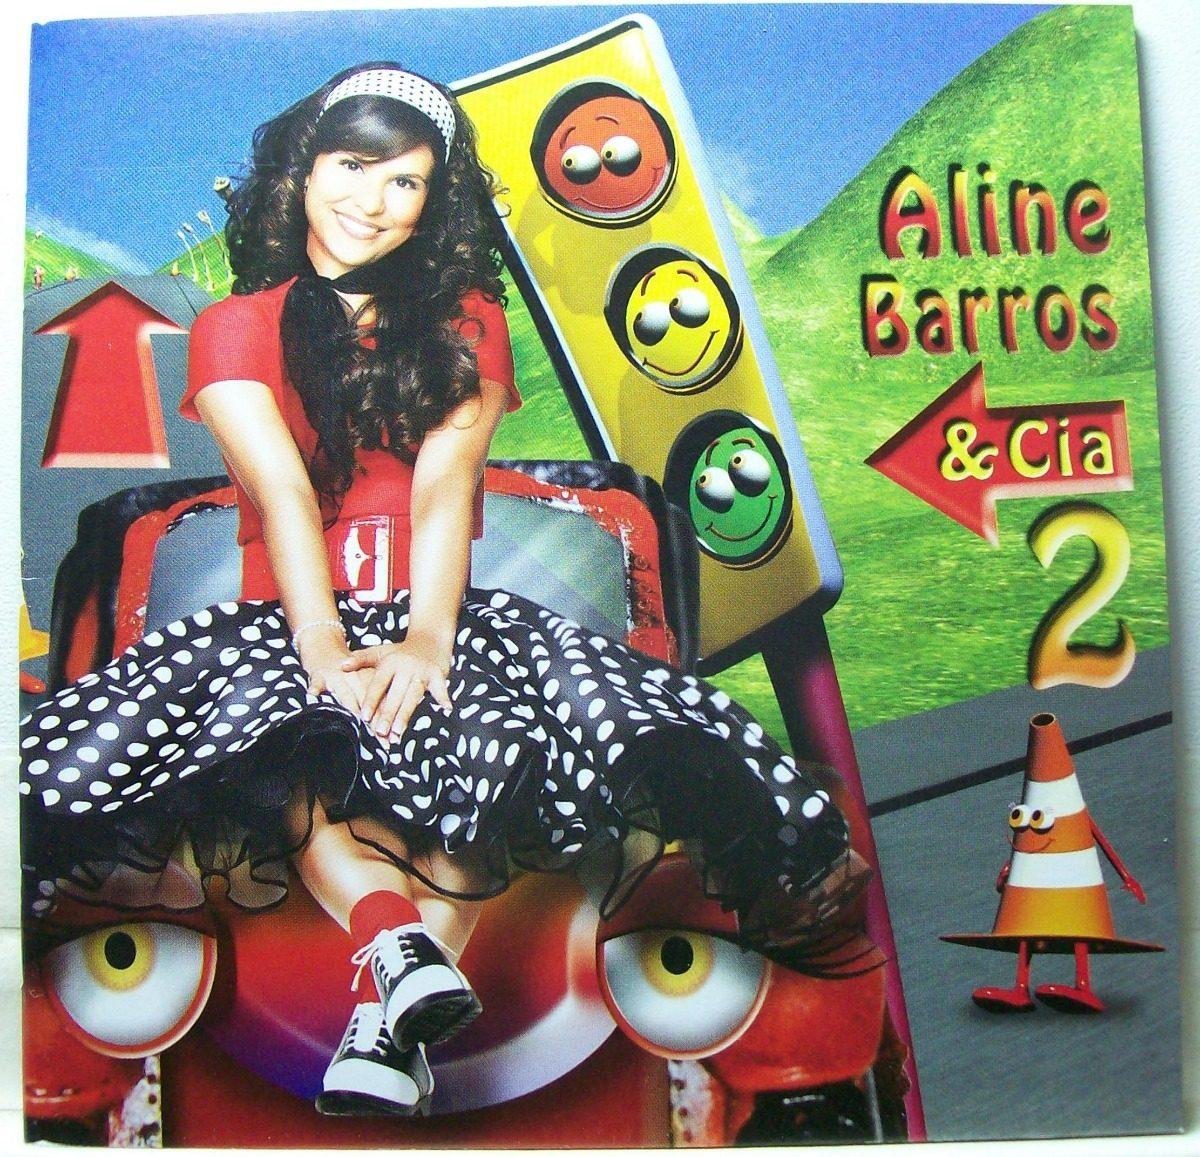 Aline Barros Aline Barros & Cia 2 aline barros & cia 2, cd original raro